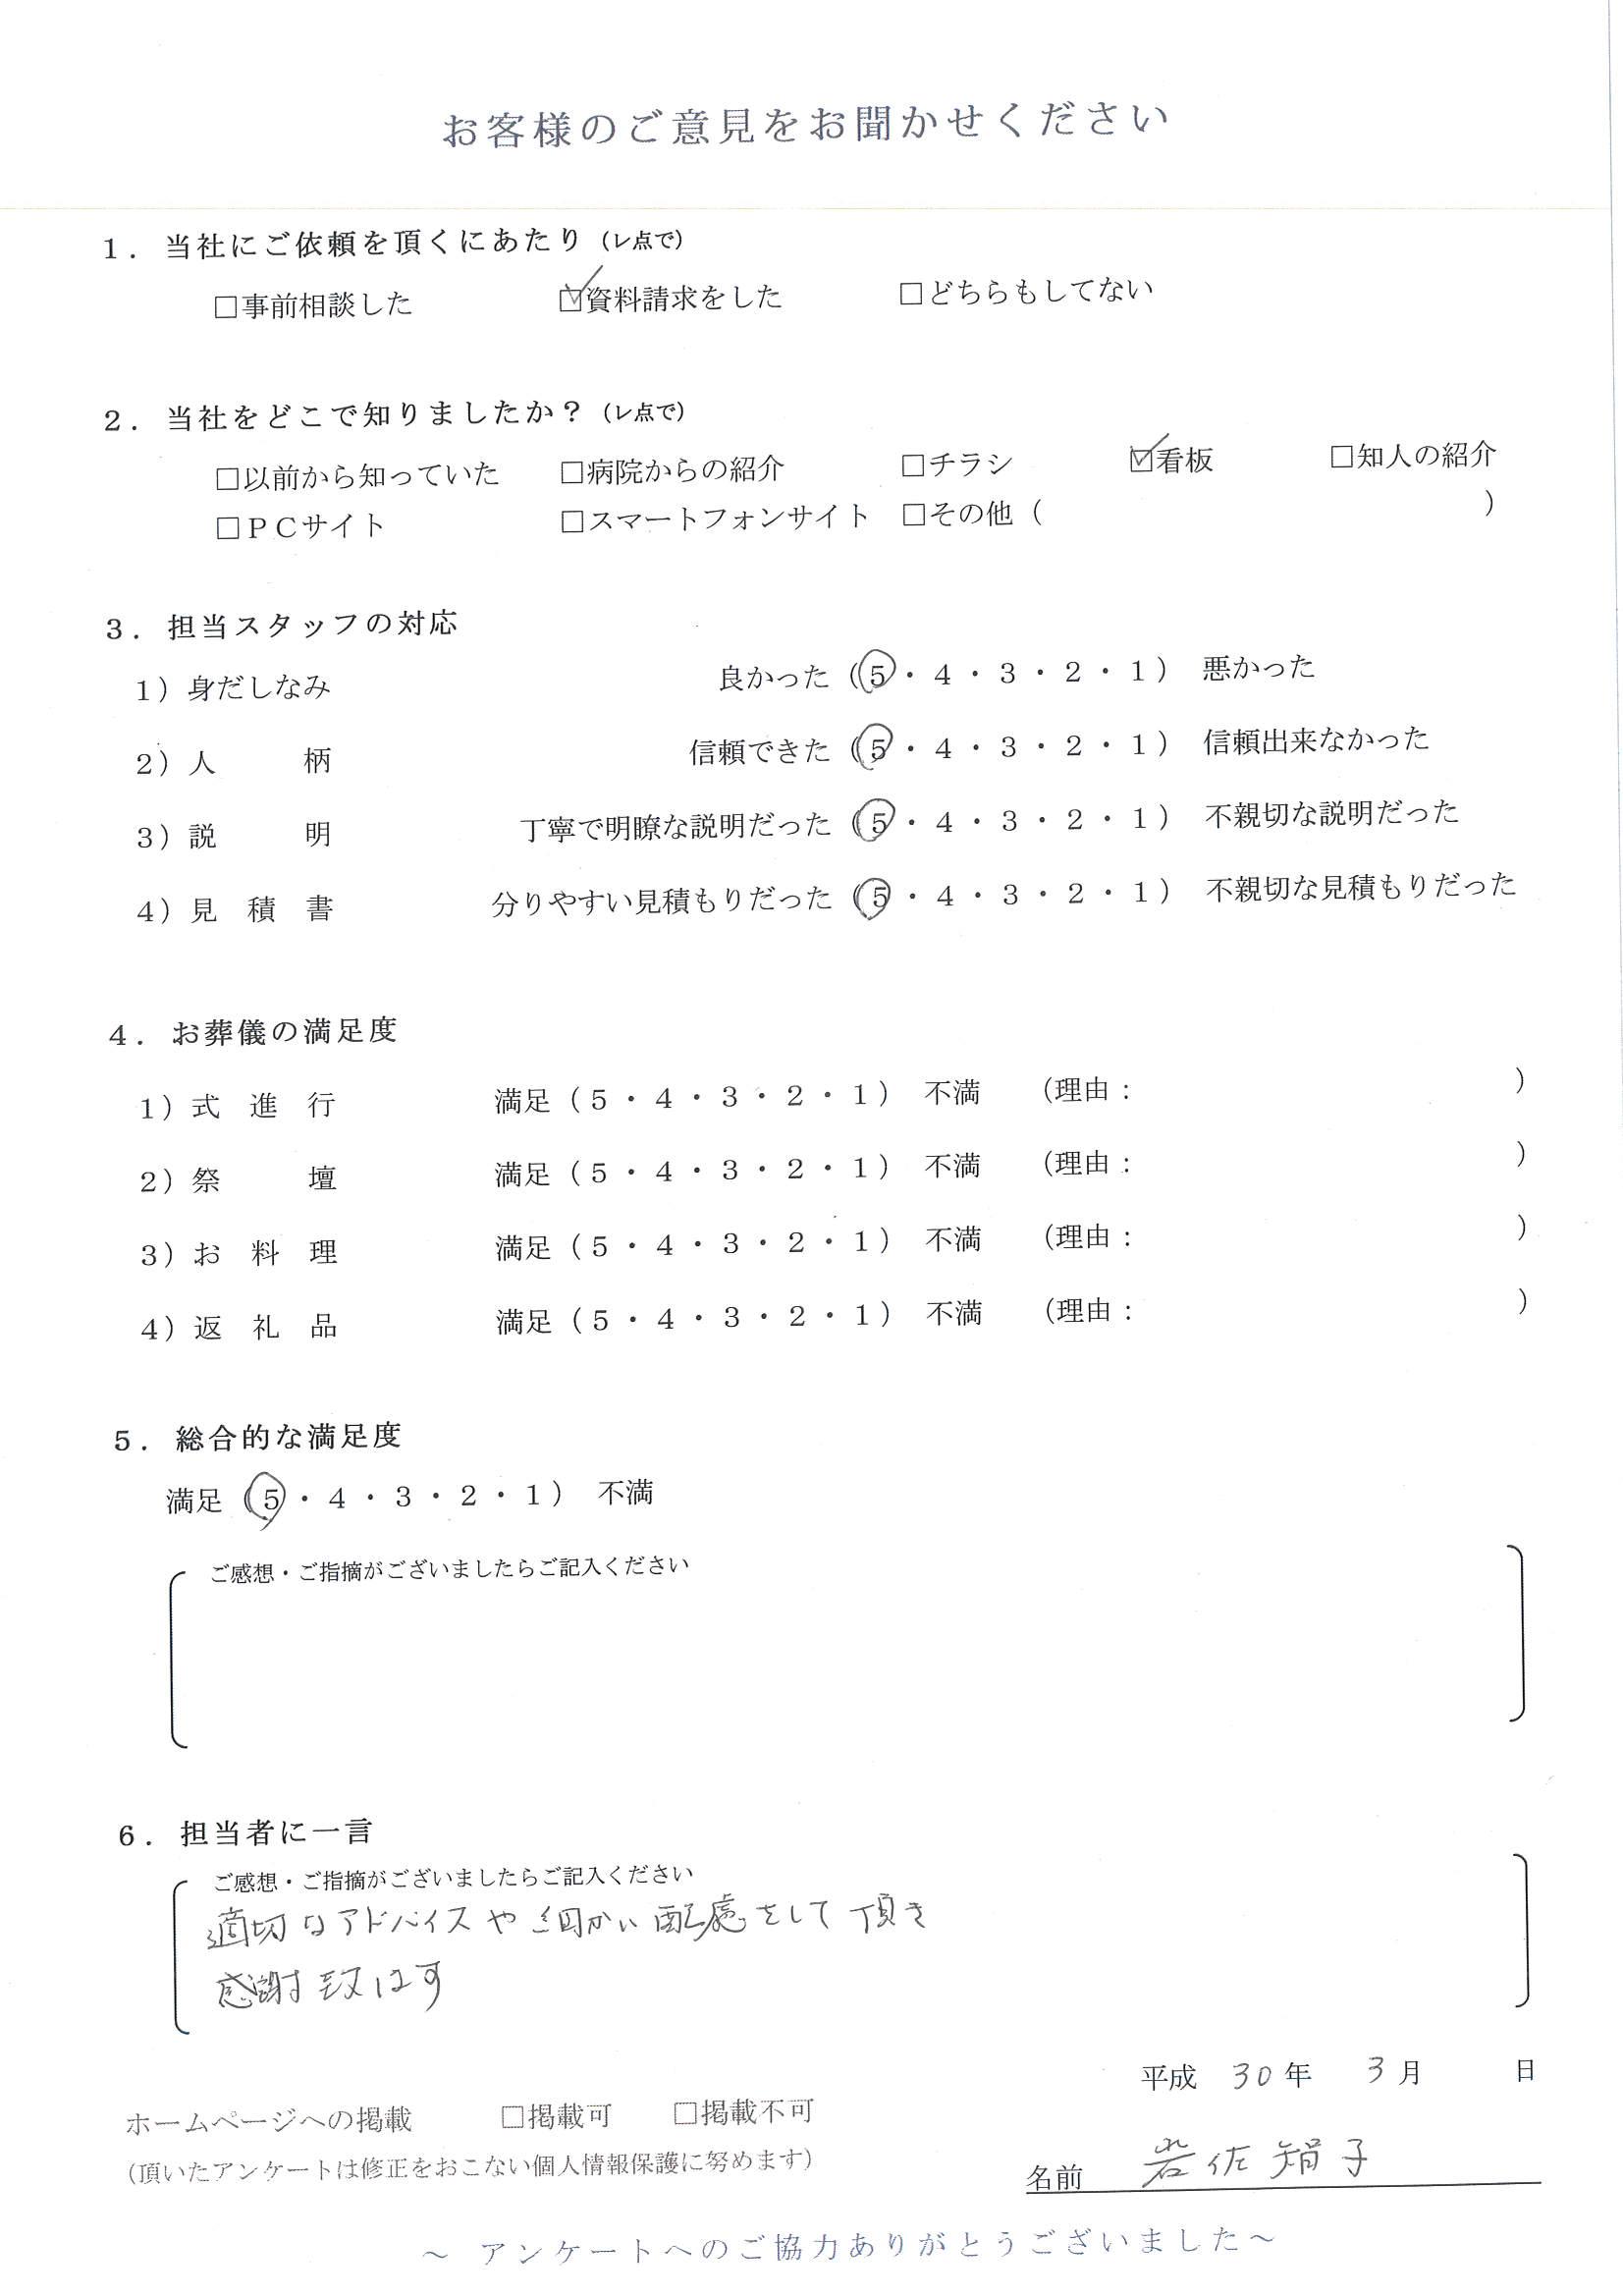 2018.03.03 川崎市多摩区 岩佐様